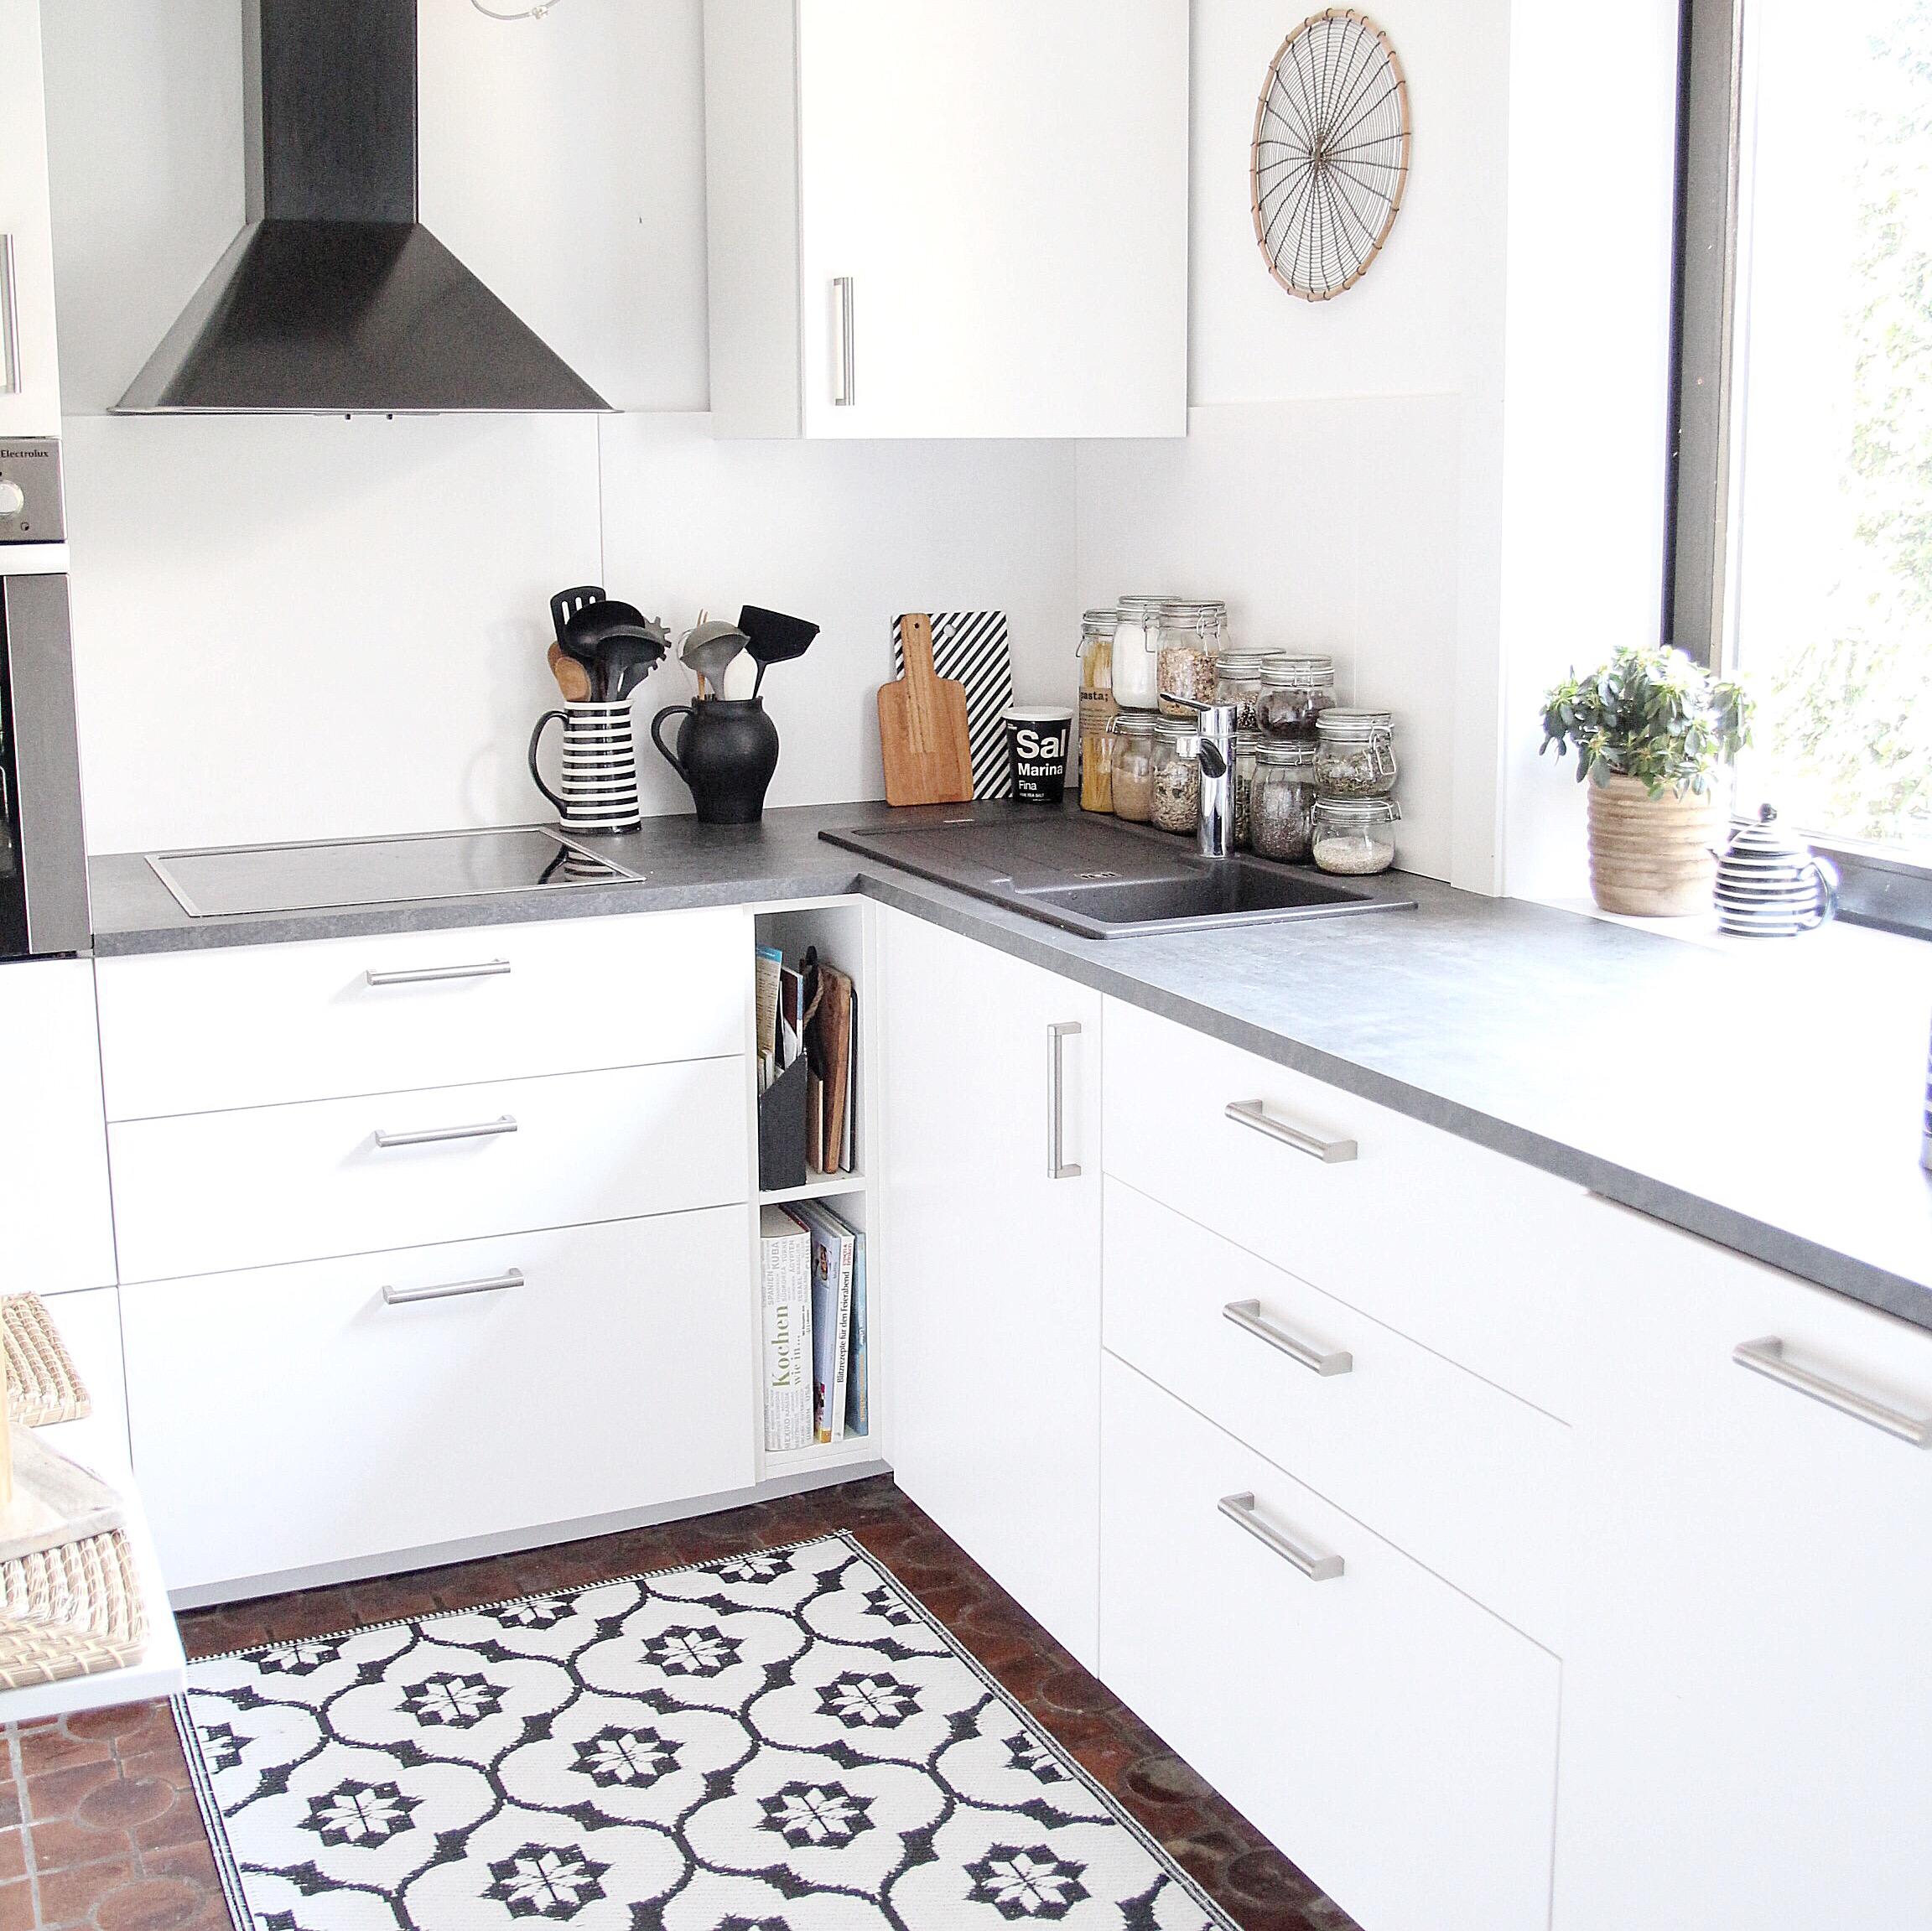 alte-küche-neu-gestalten - DESIGN DOTS